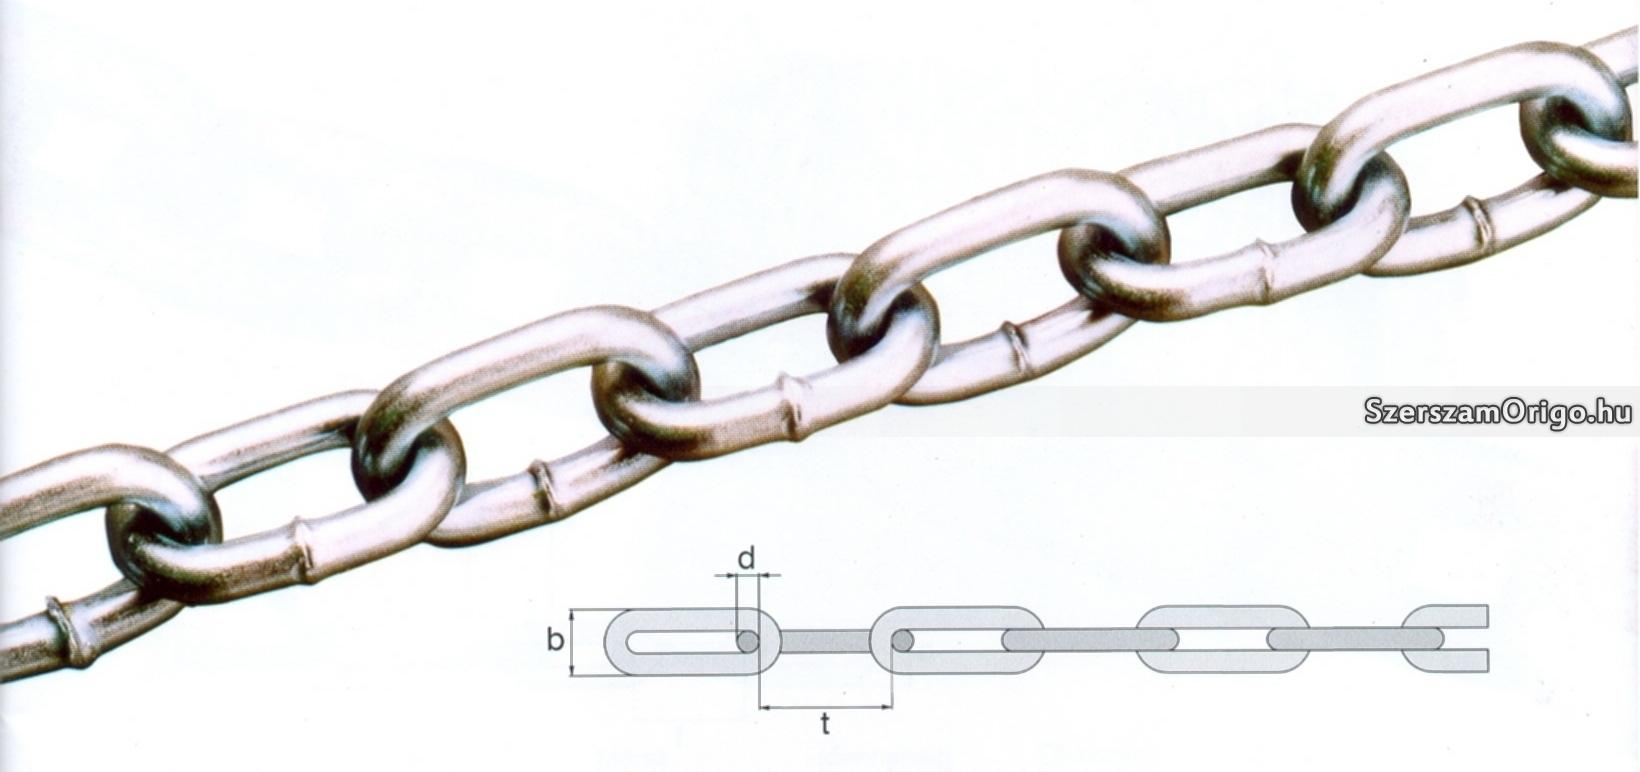 Rövidszemű lánc